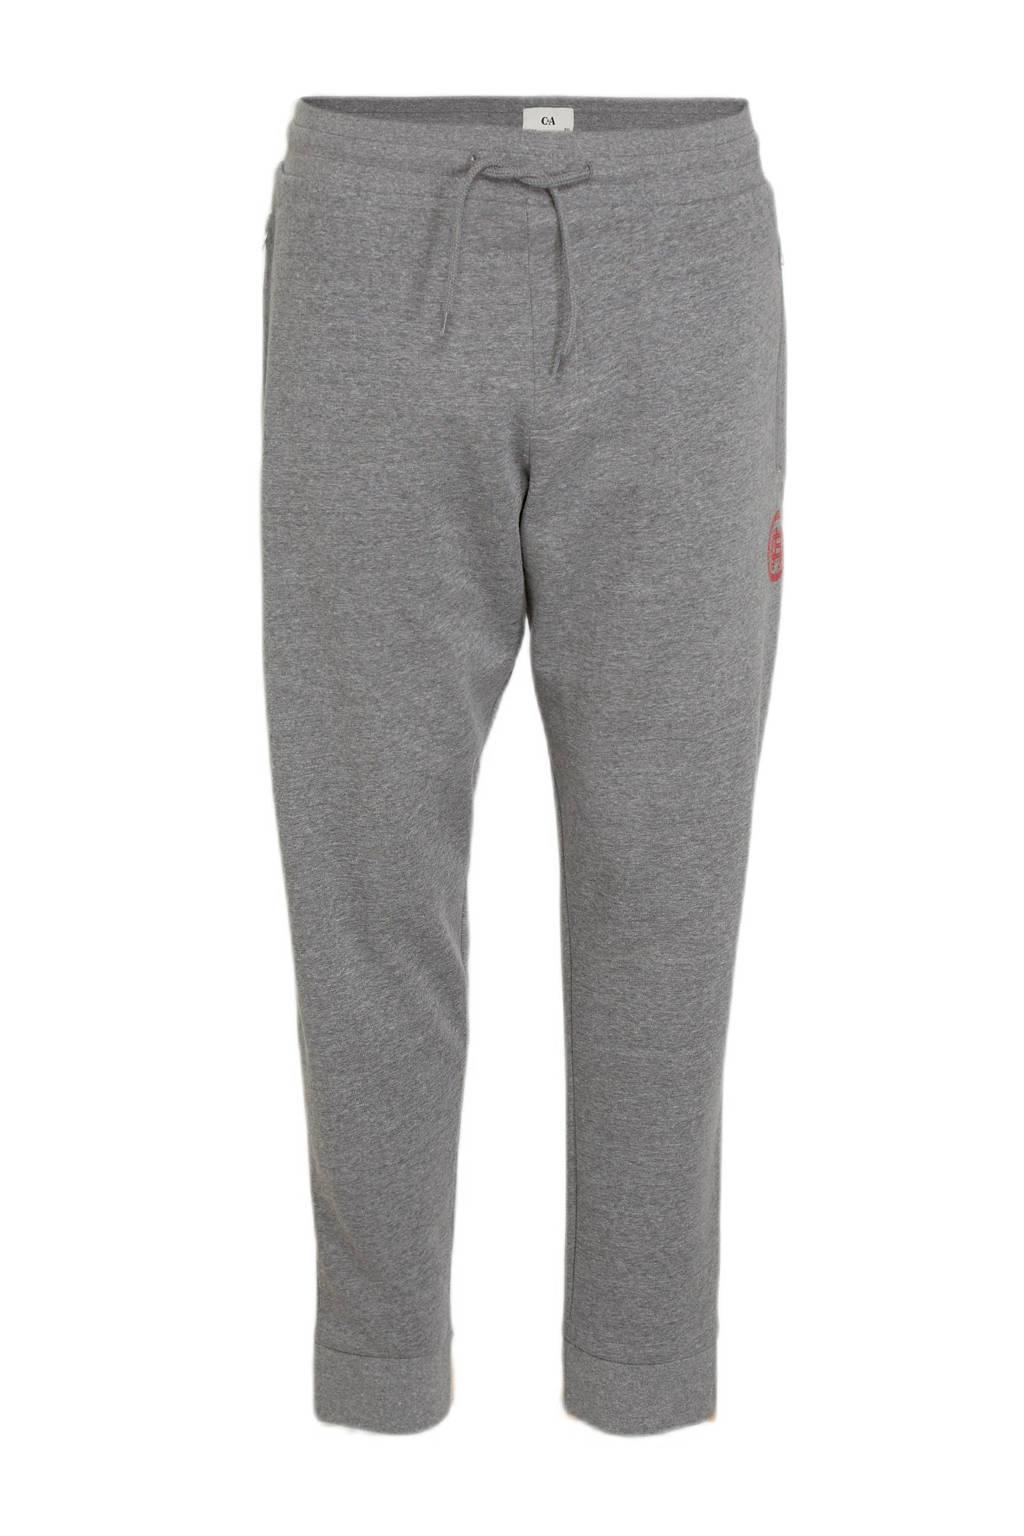 C&A XL regular fit broek grijs, Grijs